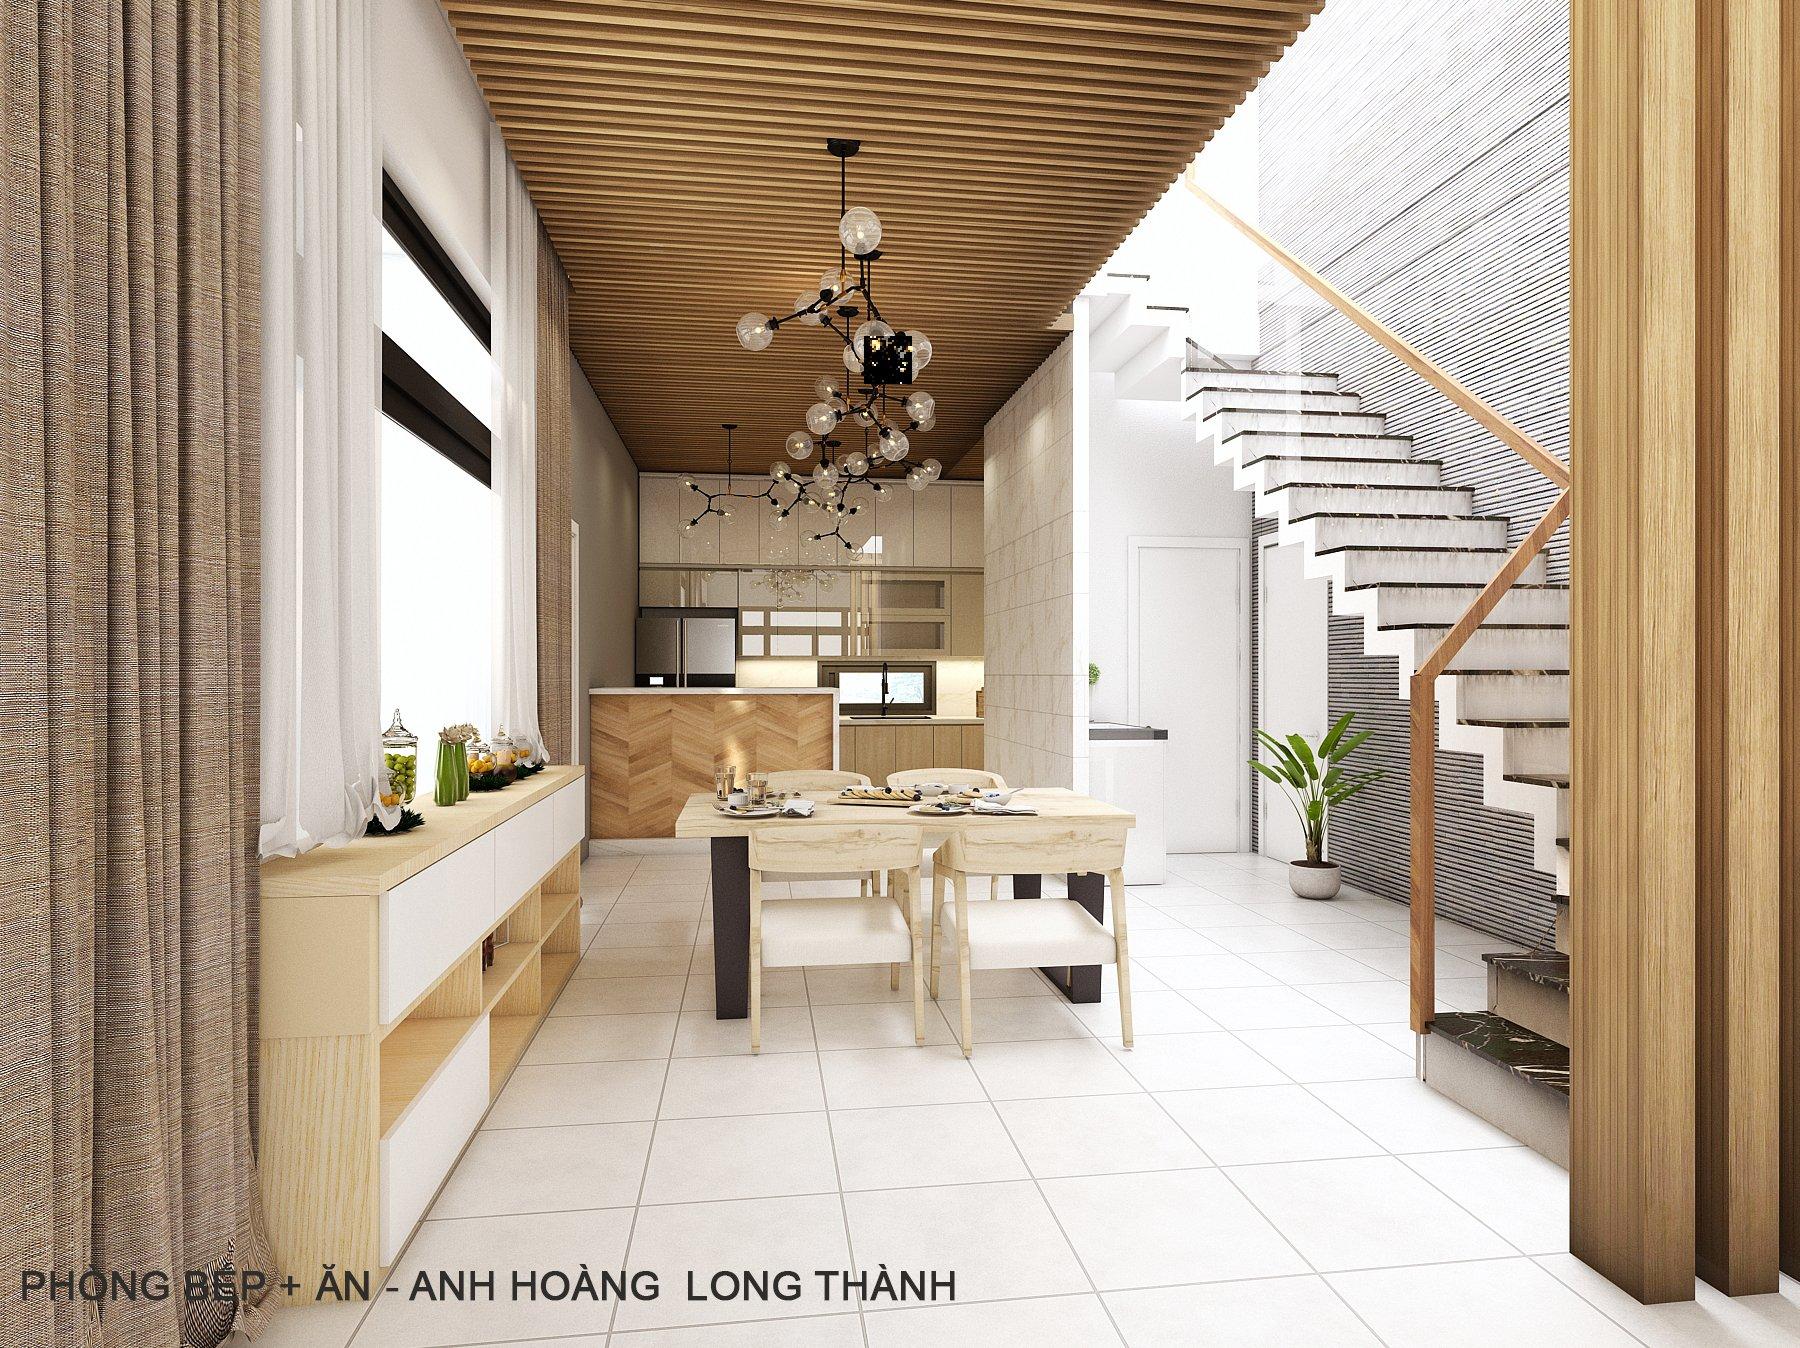 noi that hien dai biet thu 2 tang mini 2 [KHÔNG PHÁT SINH] xây nhà biệt thự 2 tầng ở Đồng Nai từ thiết kế đến hoàn công